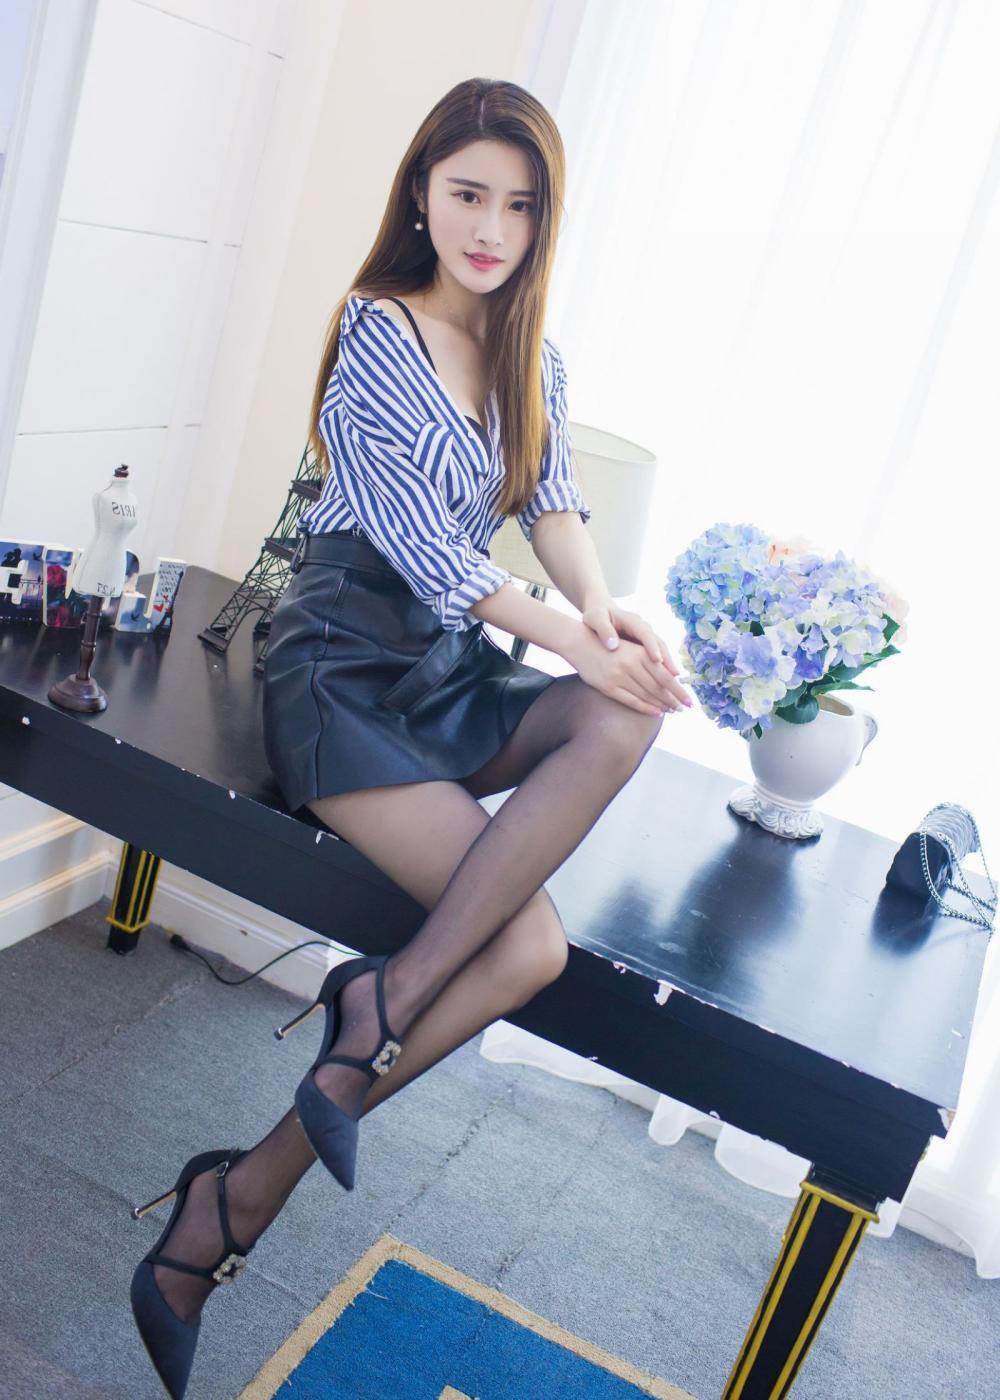 短裙穿着随性自然, 优雅时尚有活力 1